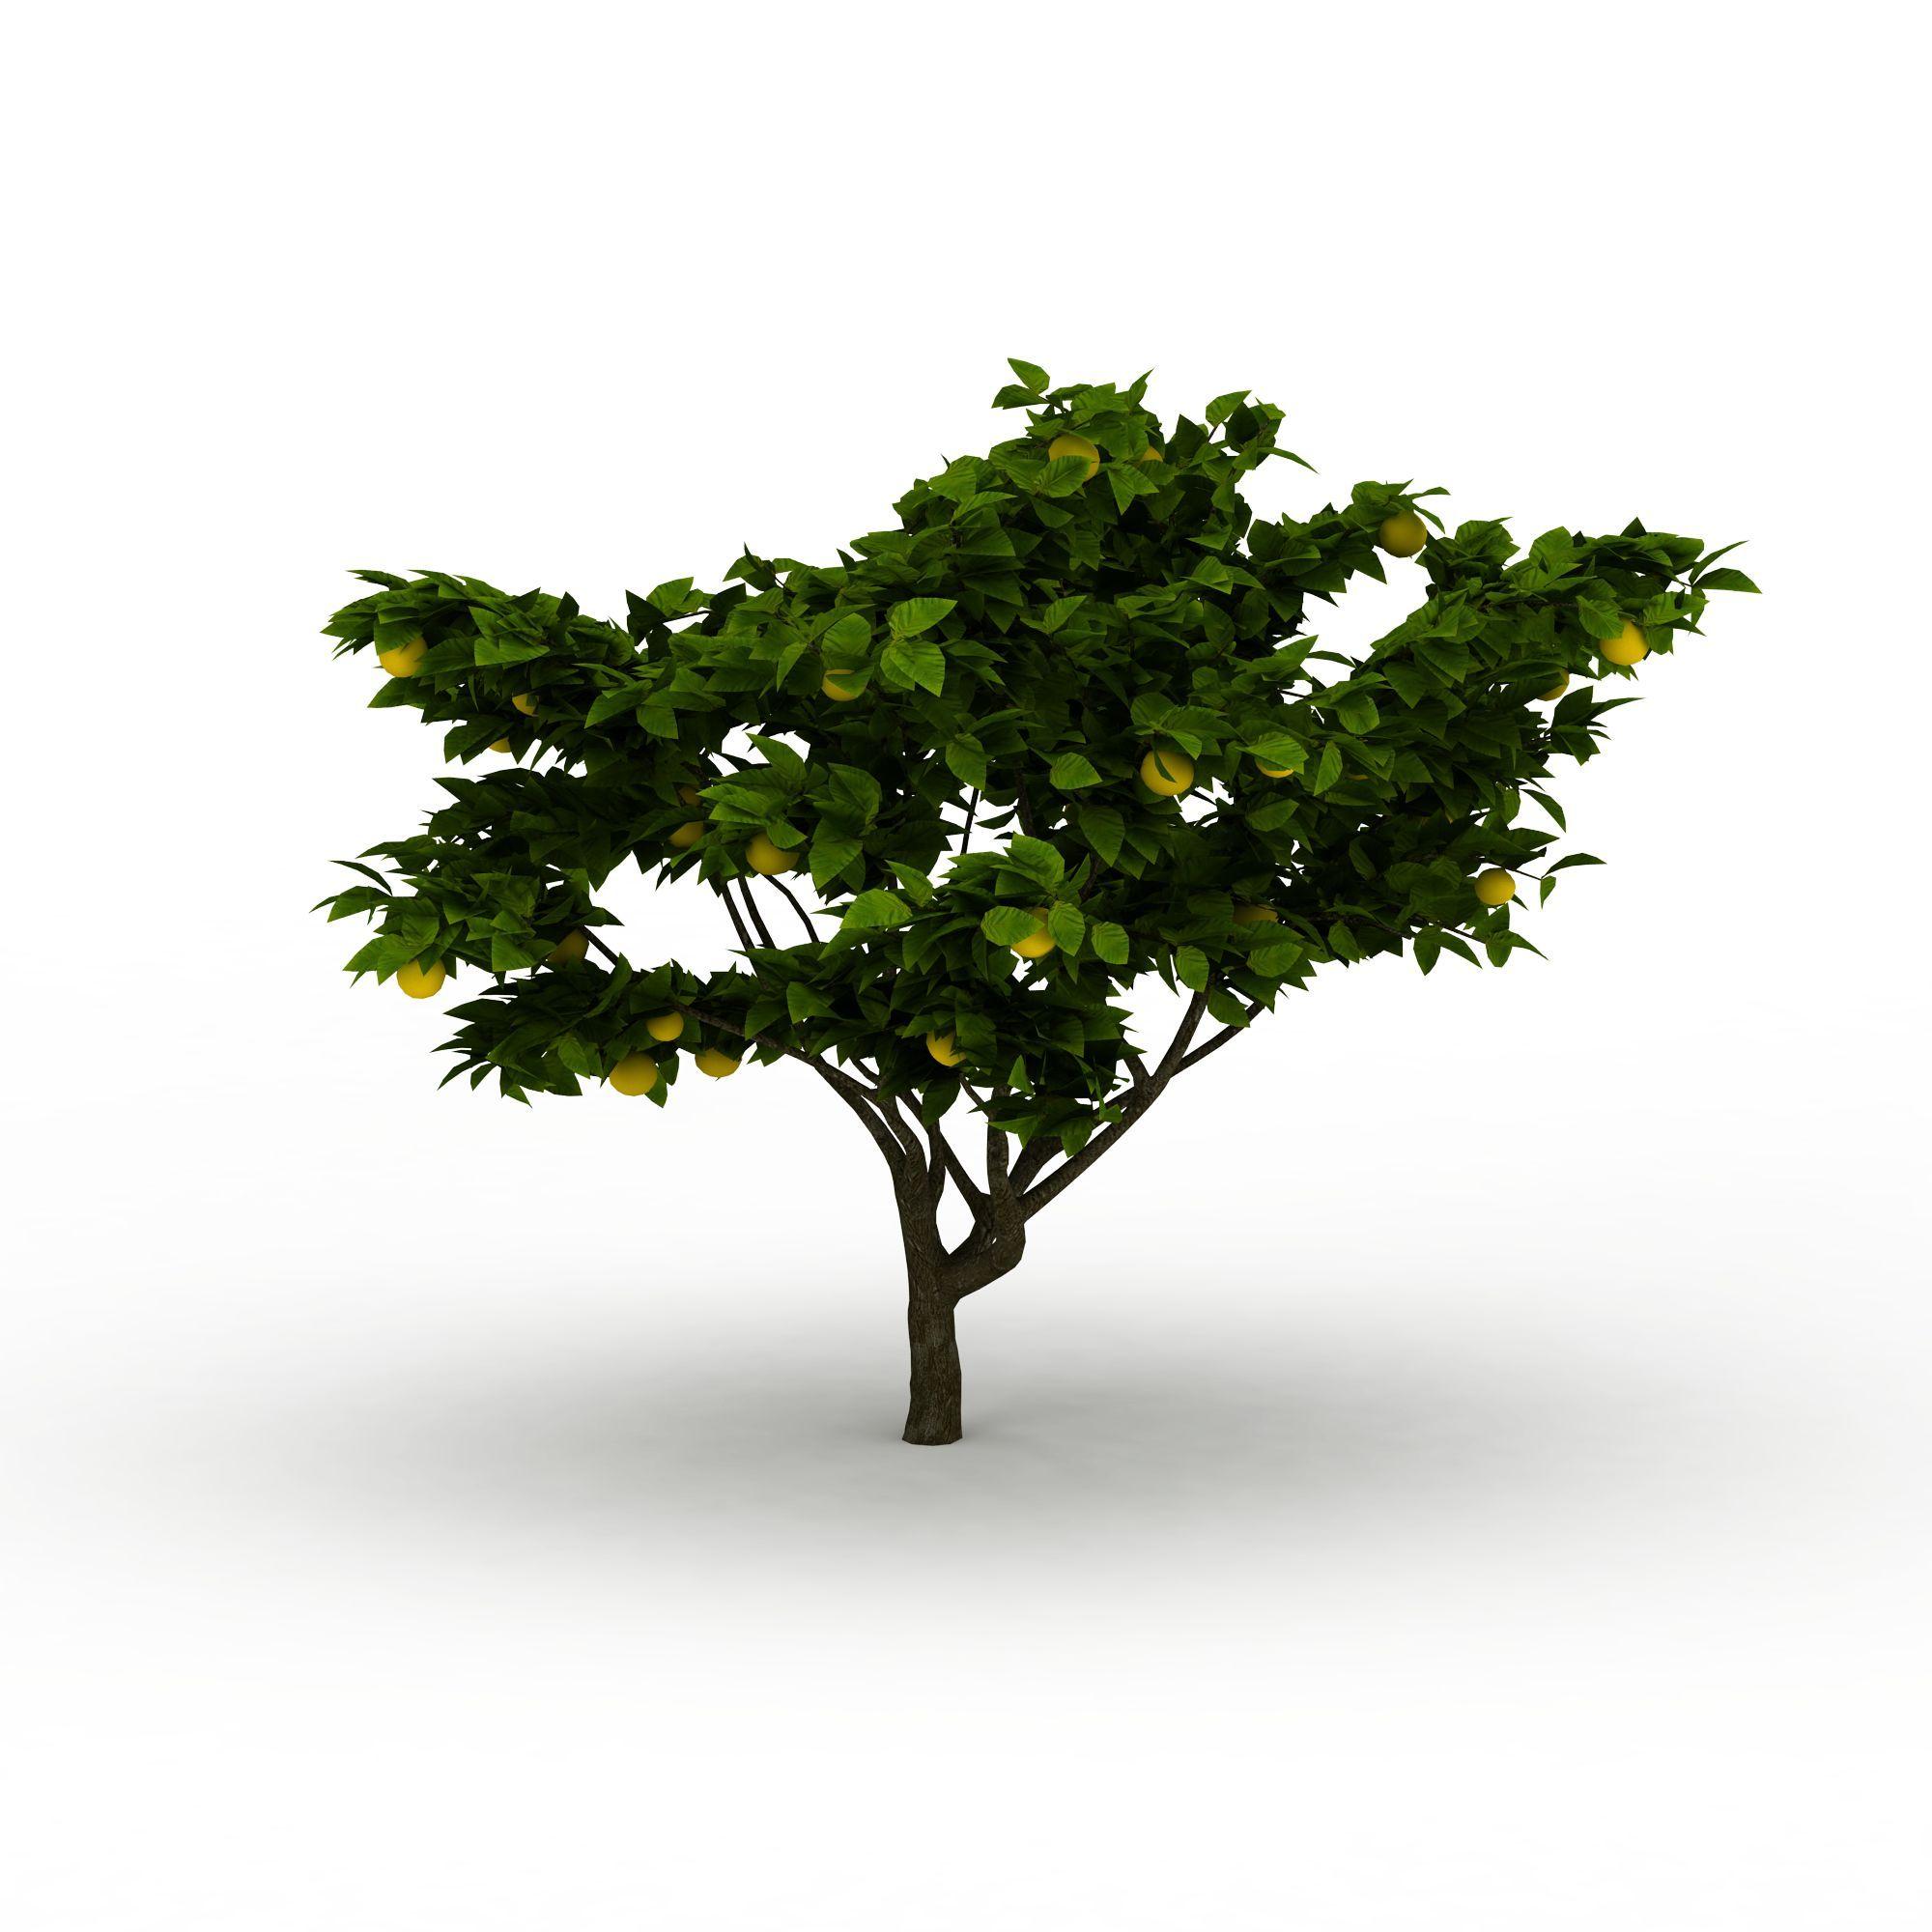 植物 树 橘子树3d模型 橘子树png高清图  橘子树高清图详情 设计师 3d